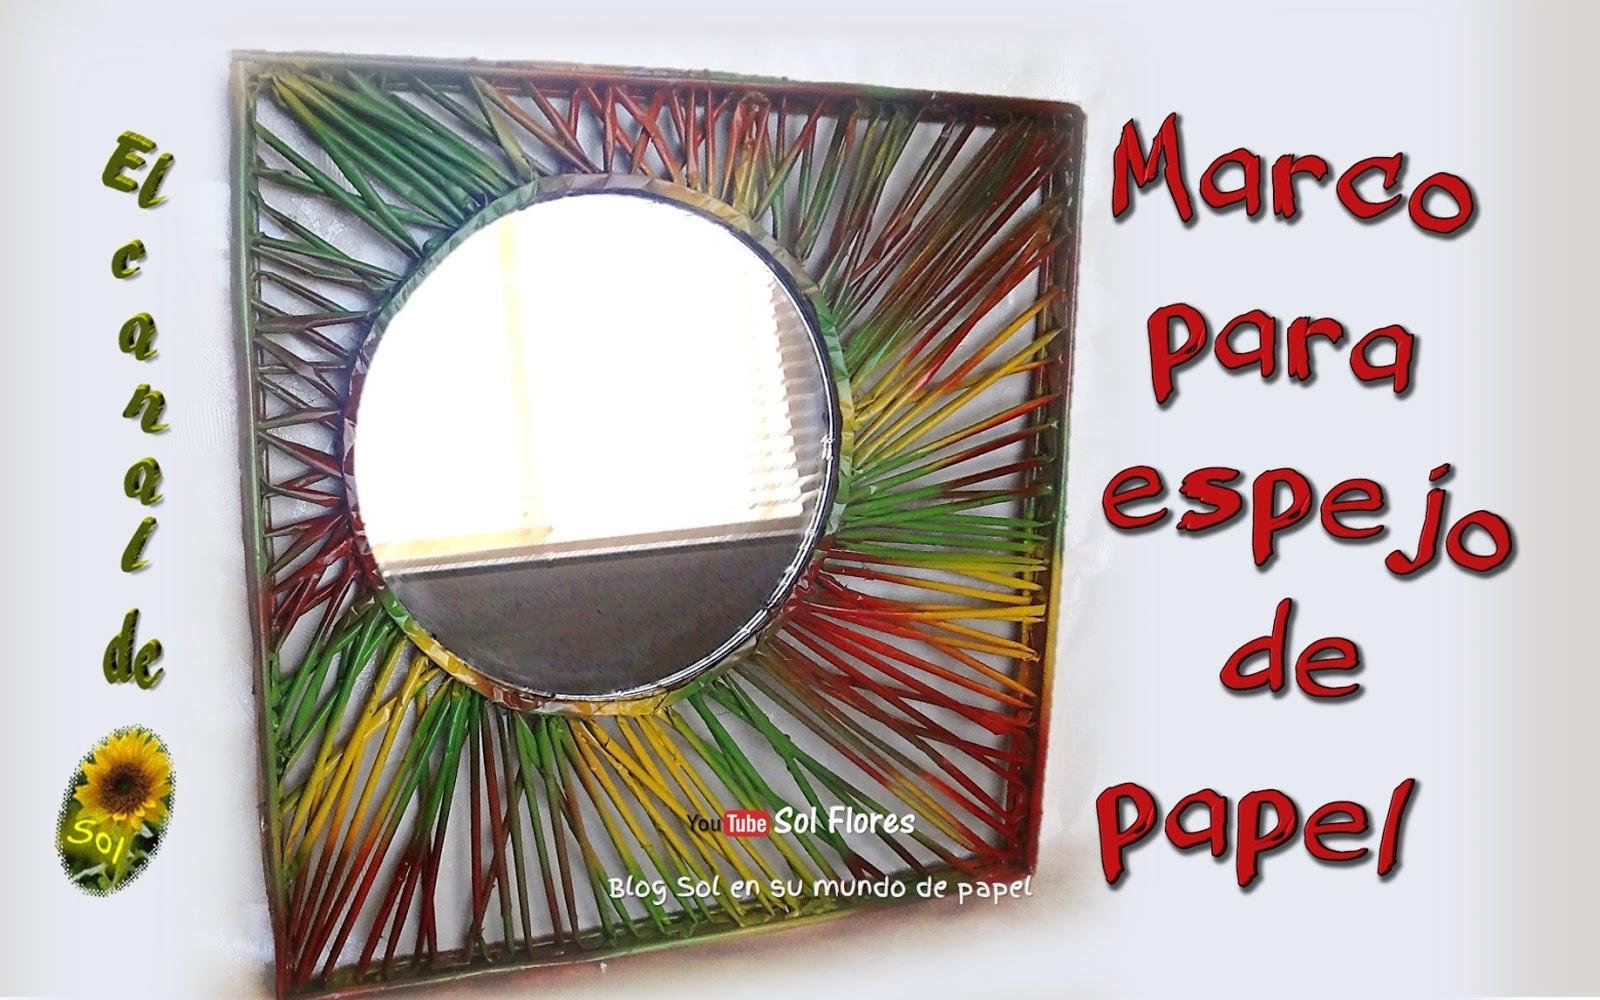 Marco para espejo de papel peri dico - Espejo de papel ...